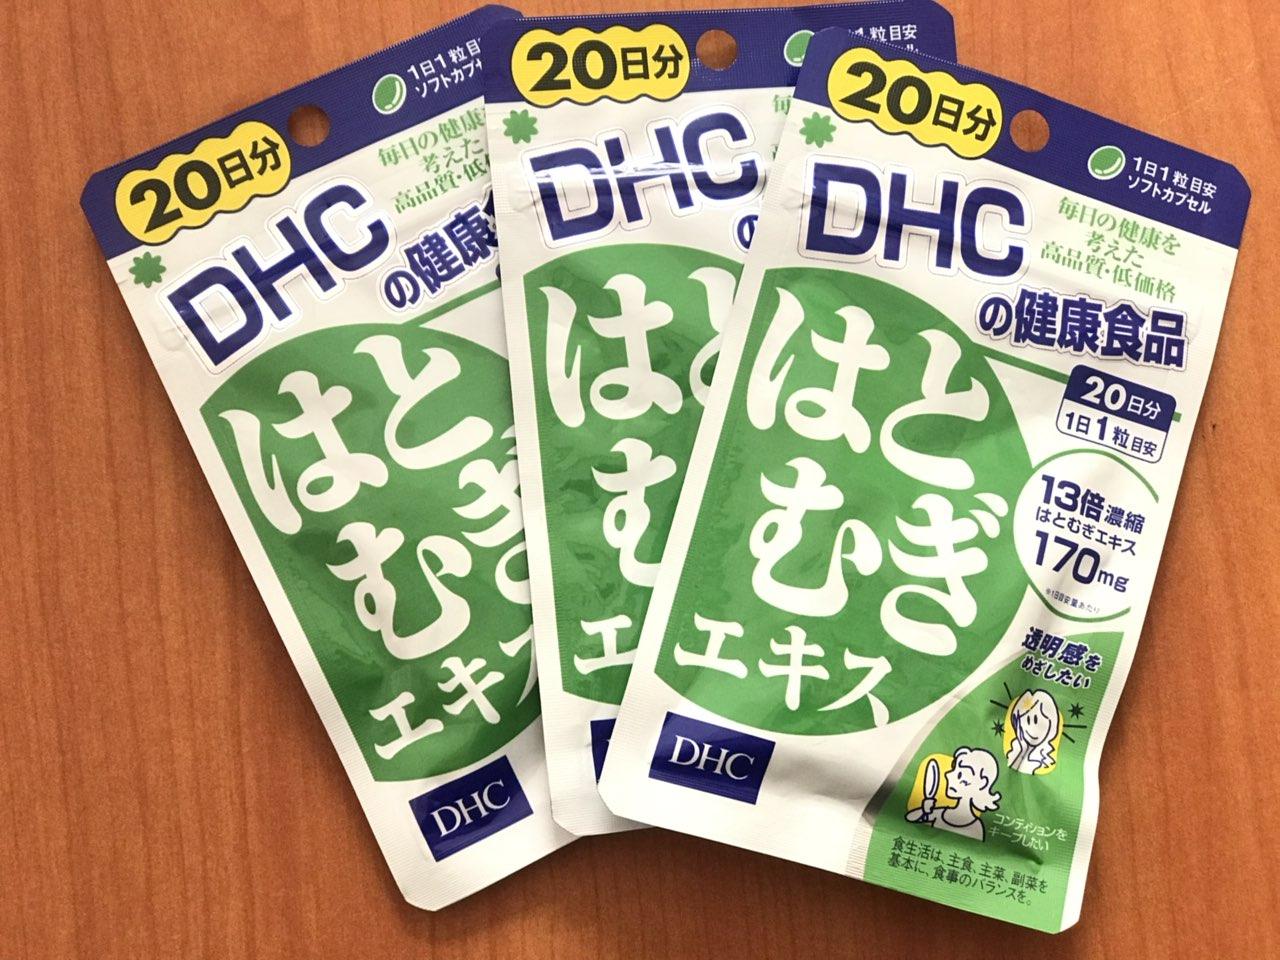 san-pham-khac-vien-uong-trang-da-dhc-20-ngay-nhat-ban-2572